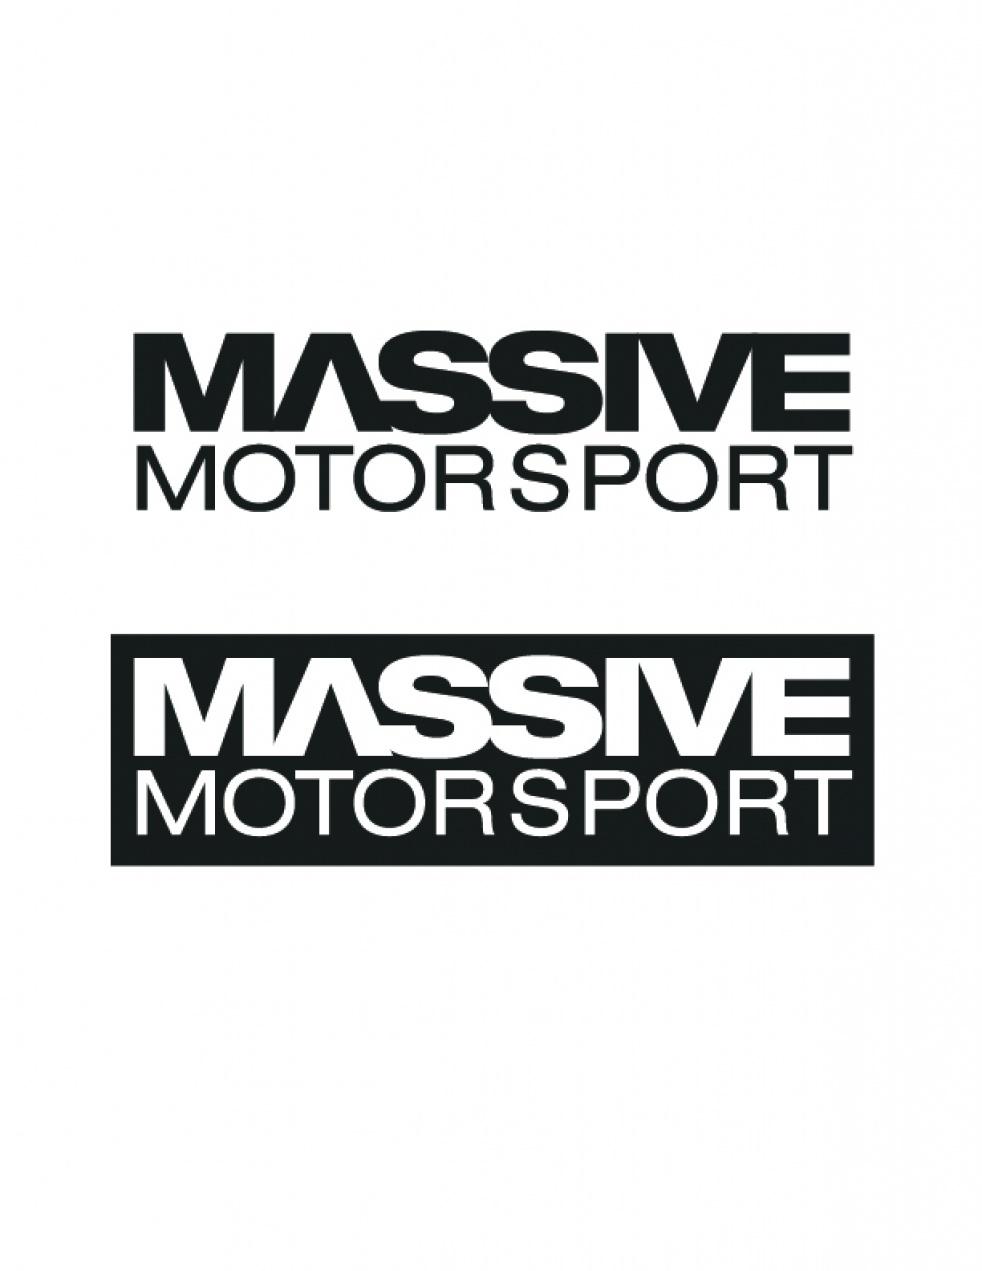 Massive Motorsport Podcast - immagine di copertina dello show